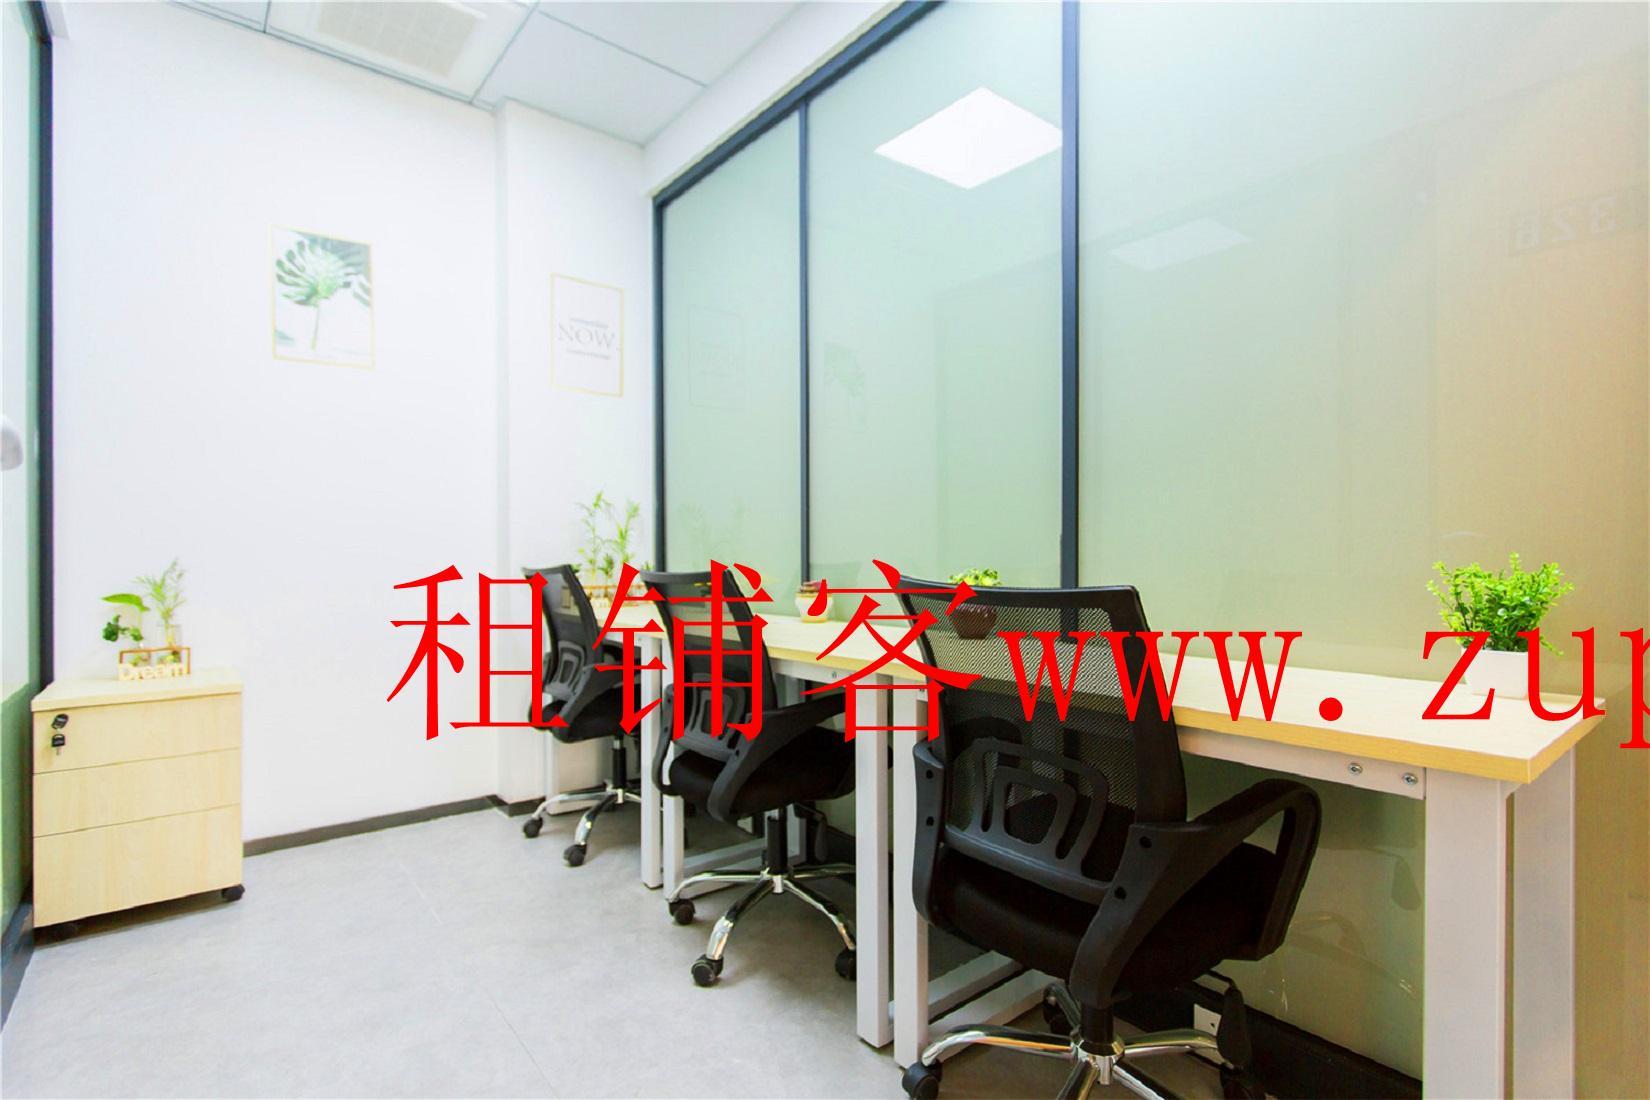 钱江时代国际 全包价直租配置设施全 地铁尚盖高层无遮挡